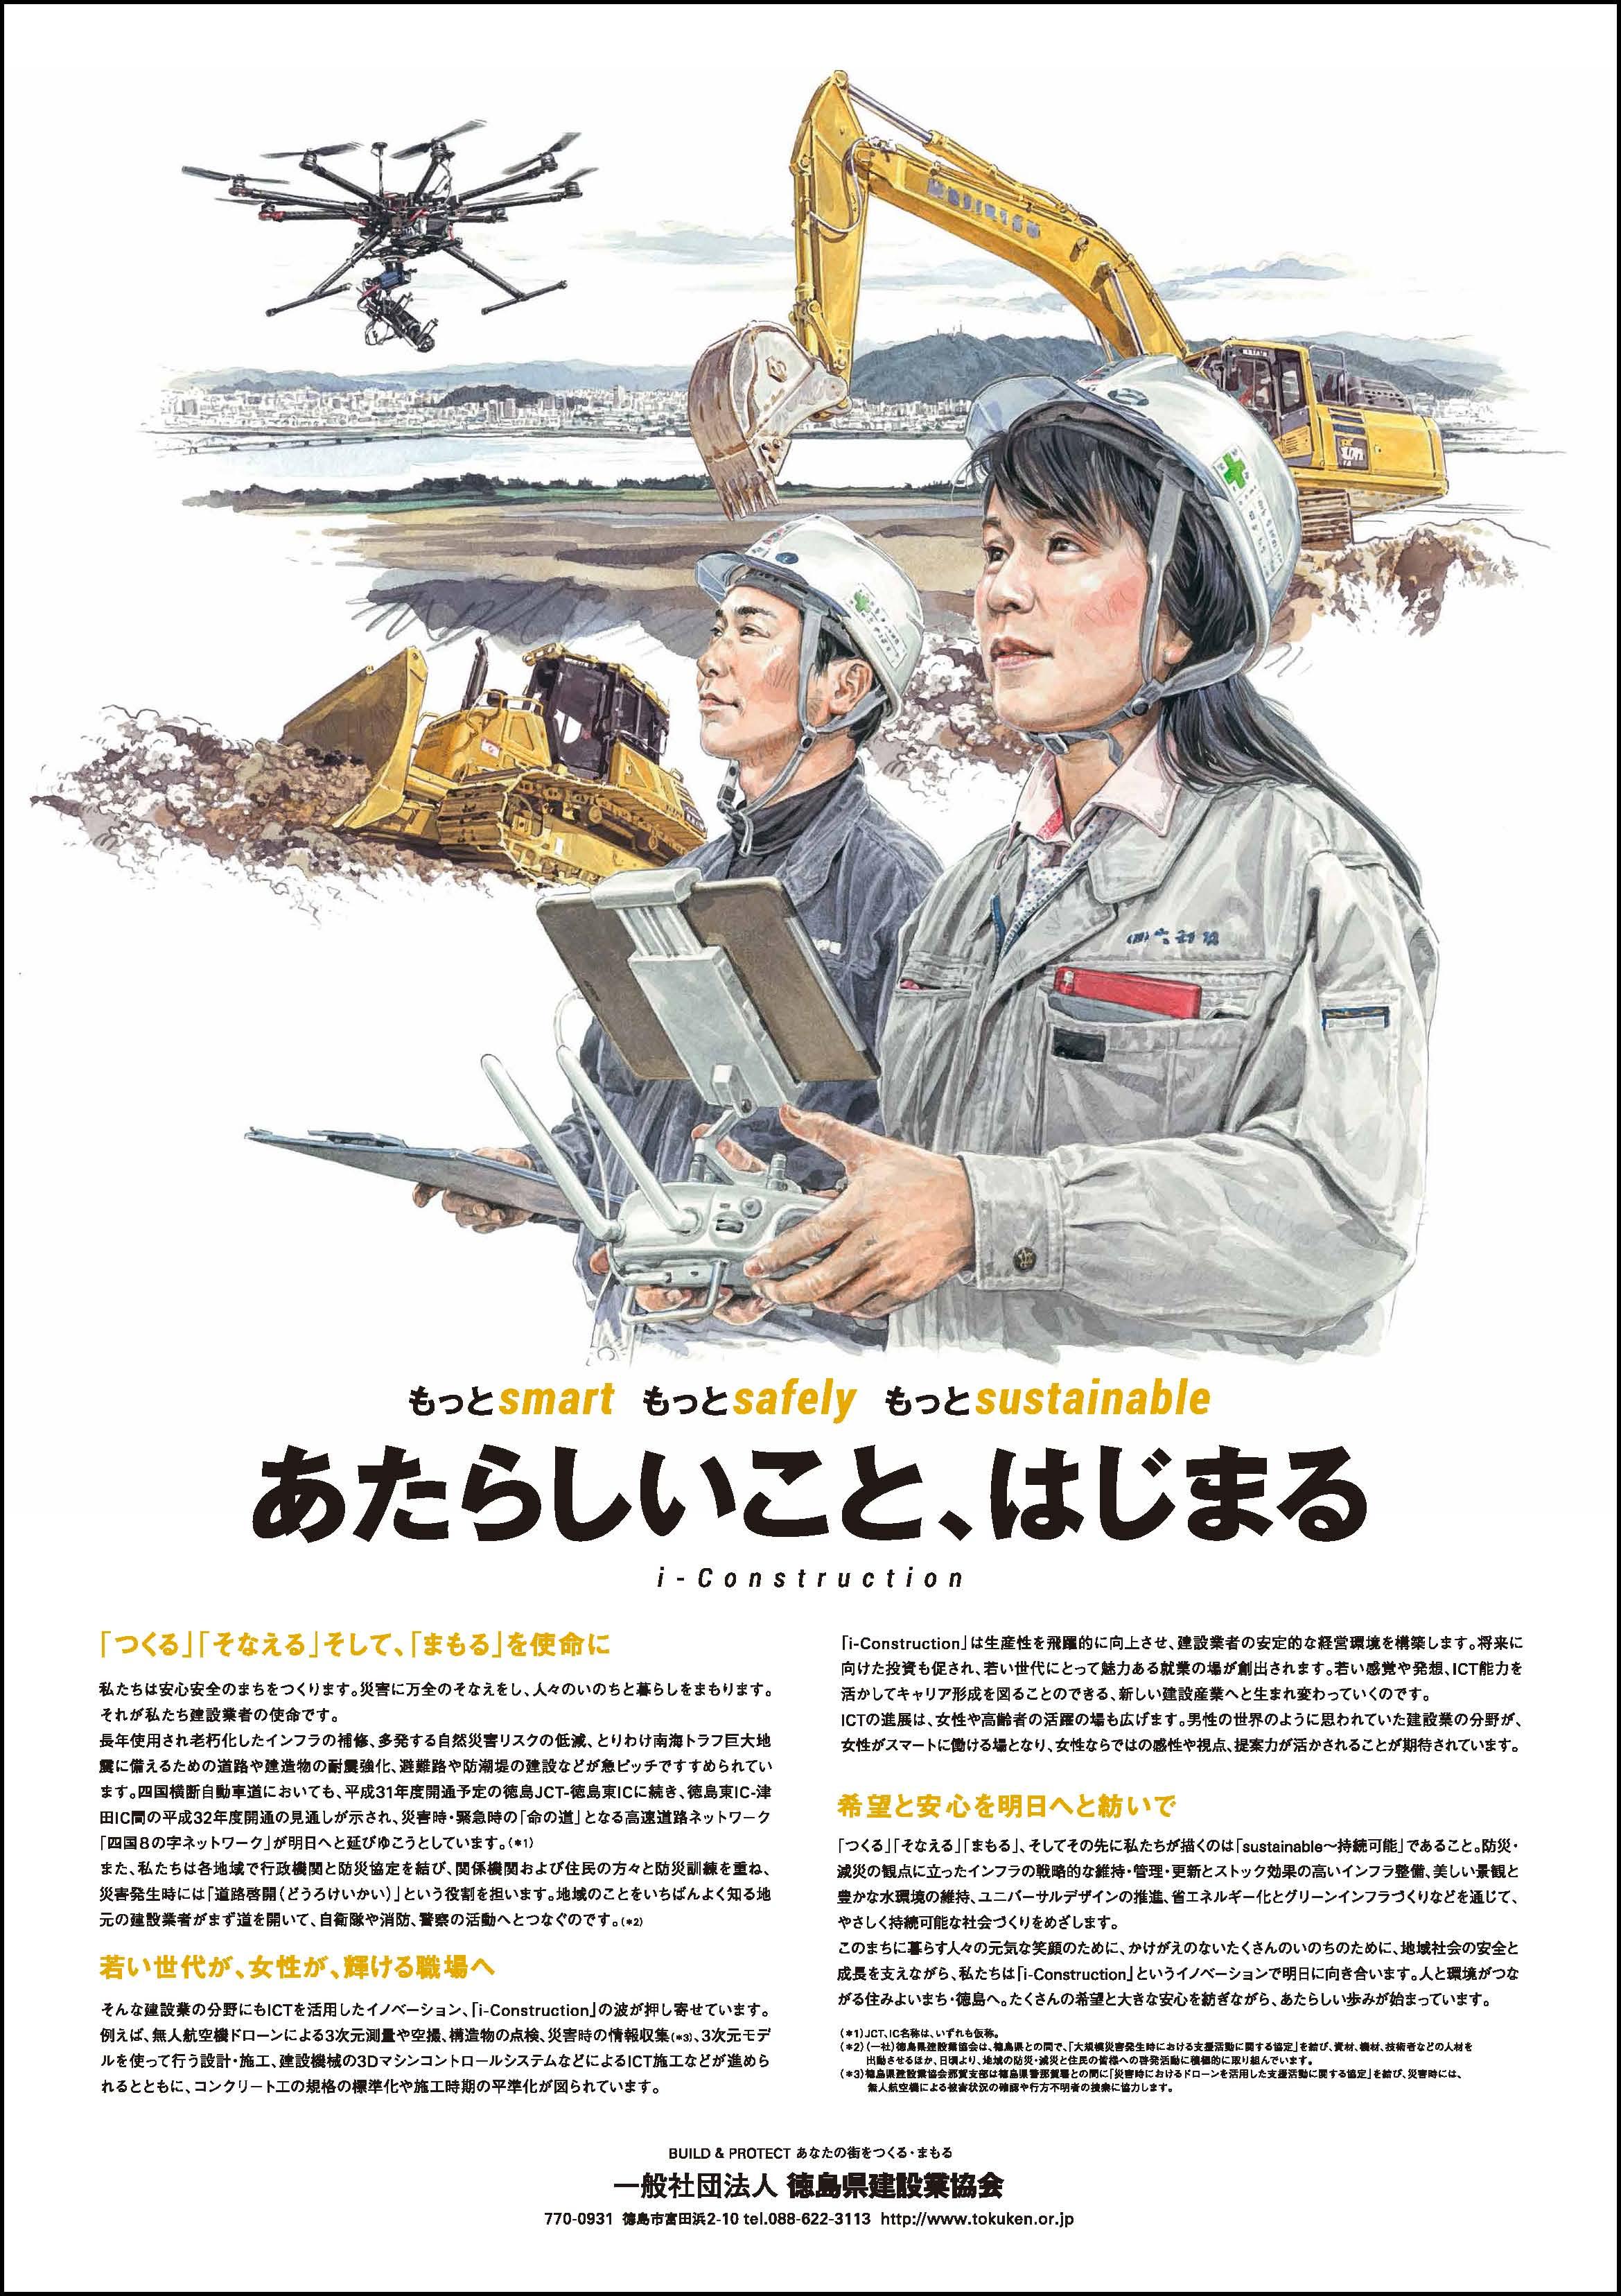 徳島県建設業協会新聞紙面広告1